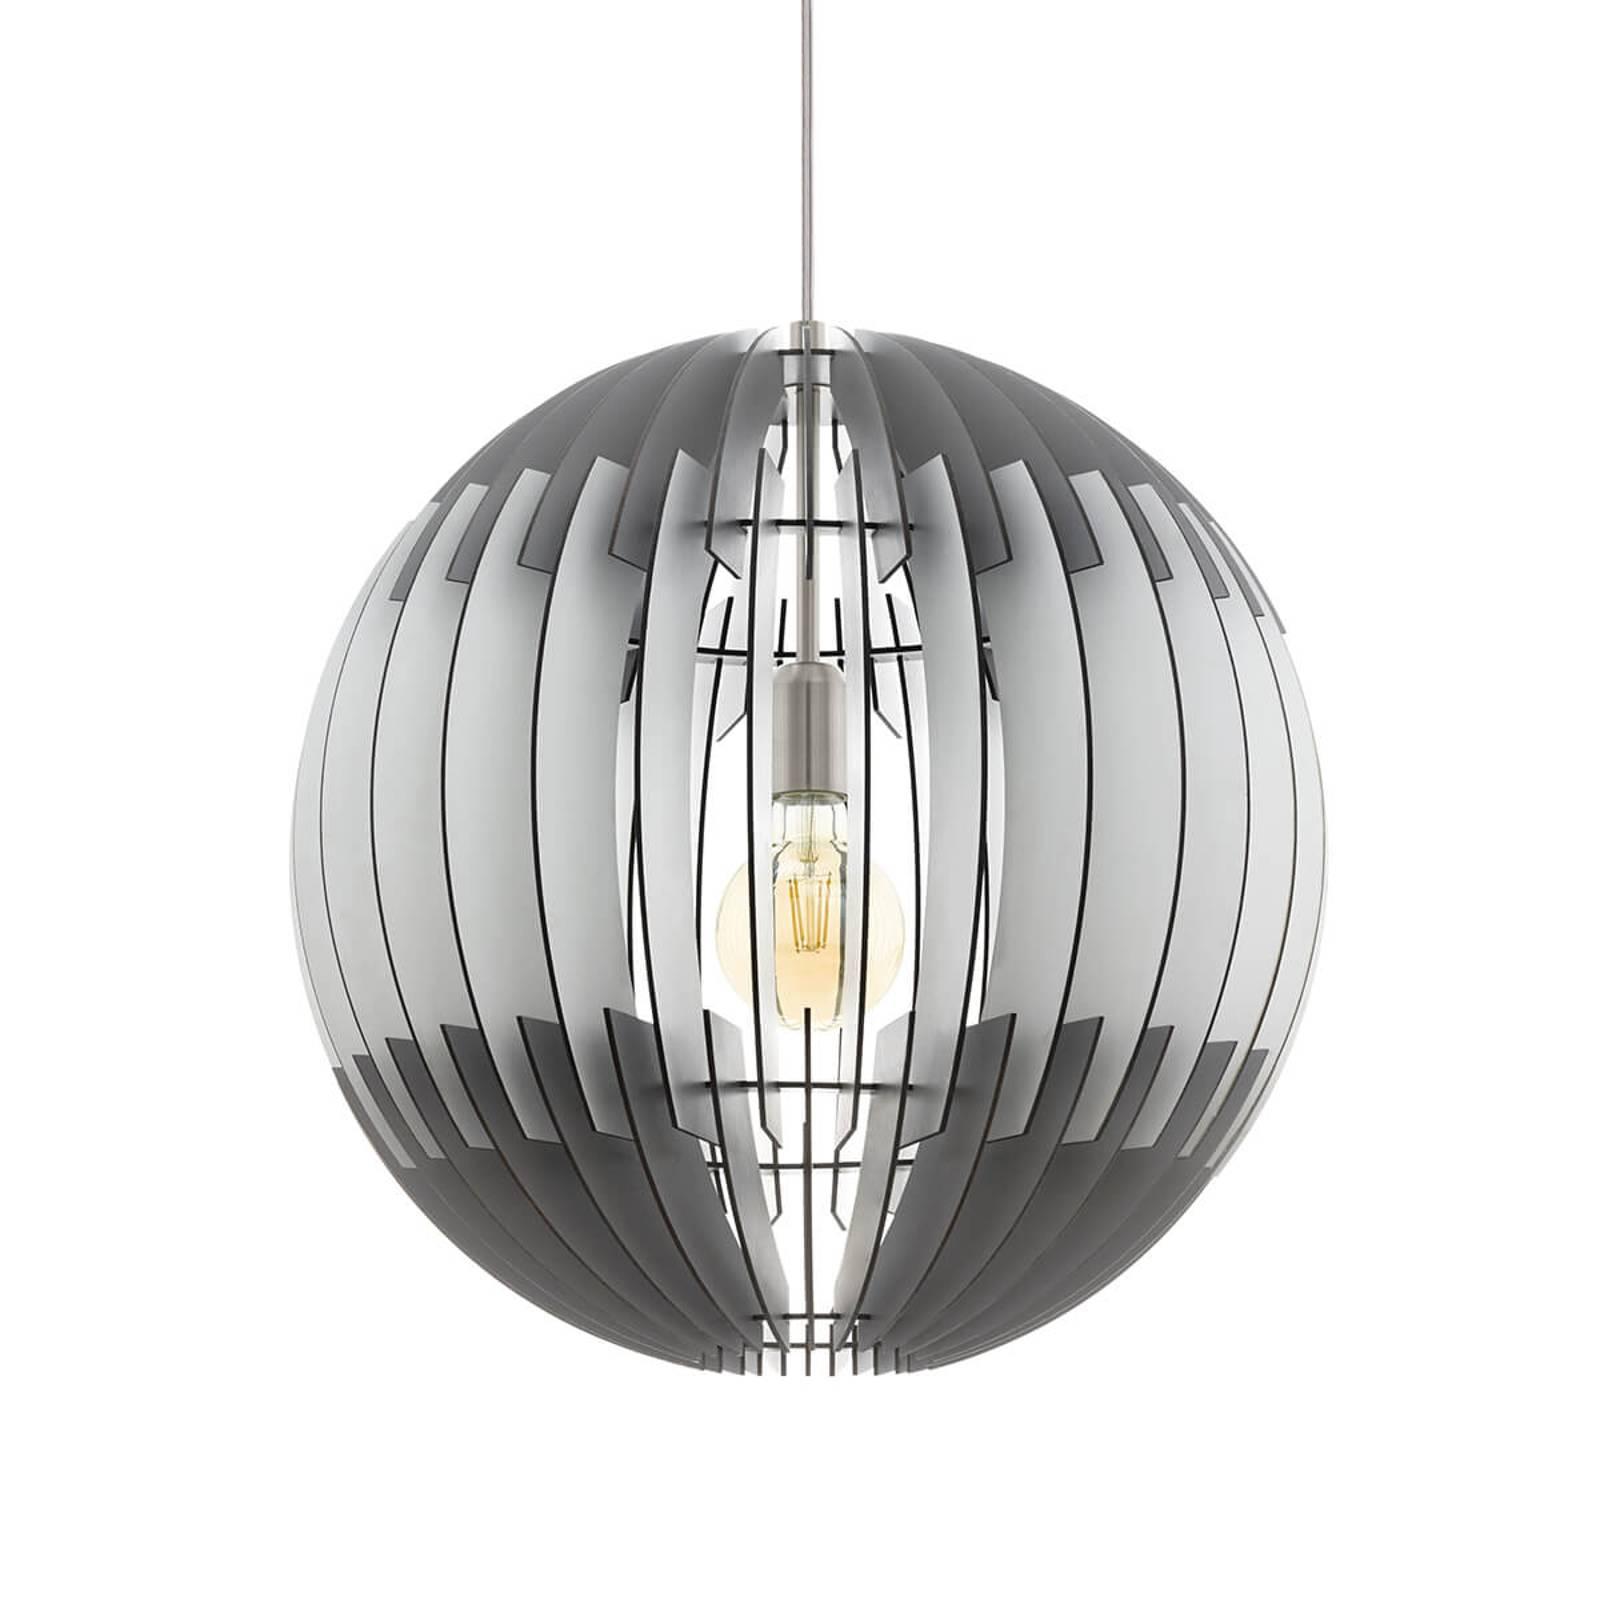 Czarno-biała lampa wisząca Olmero z lamelkami